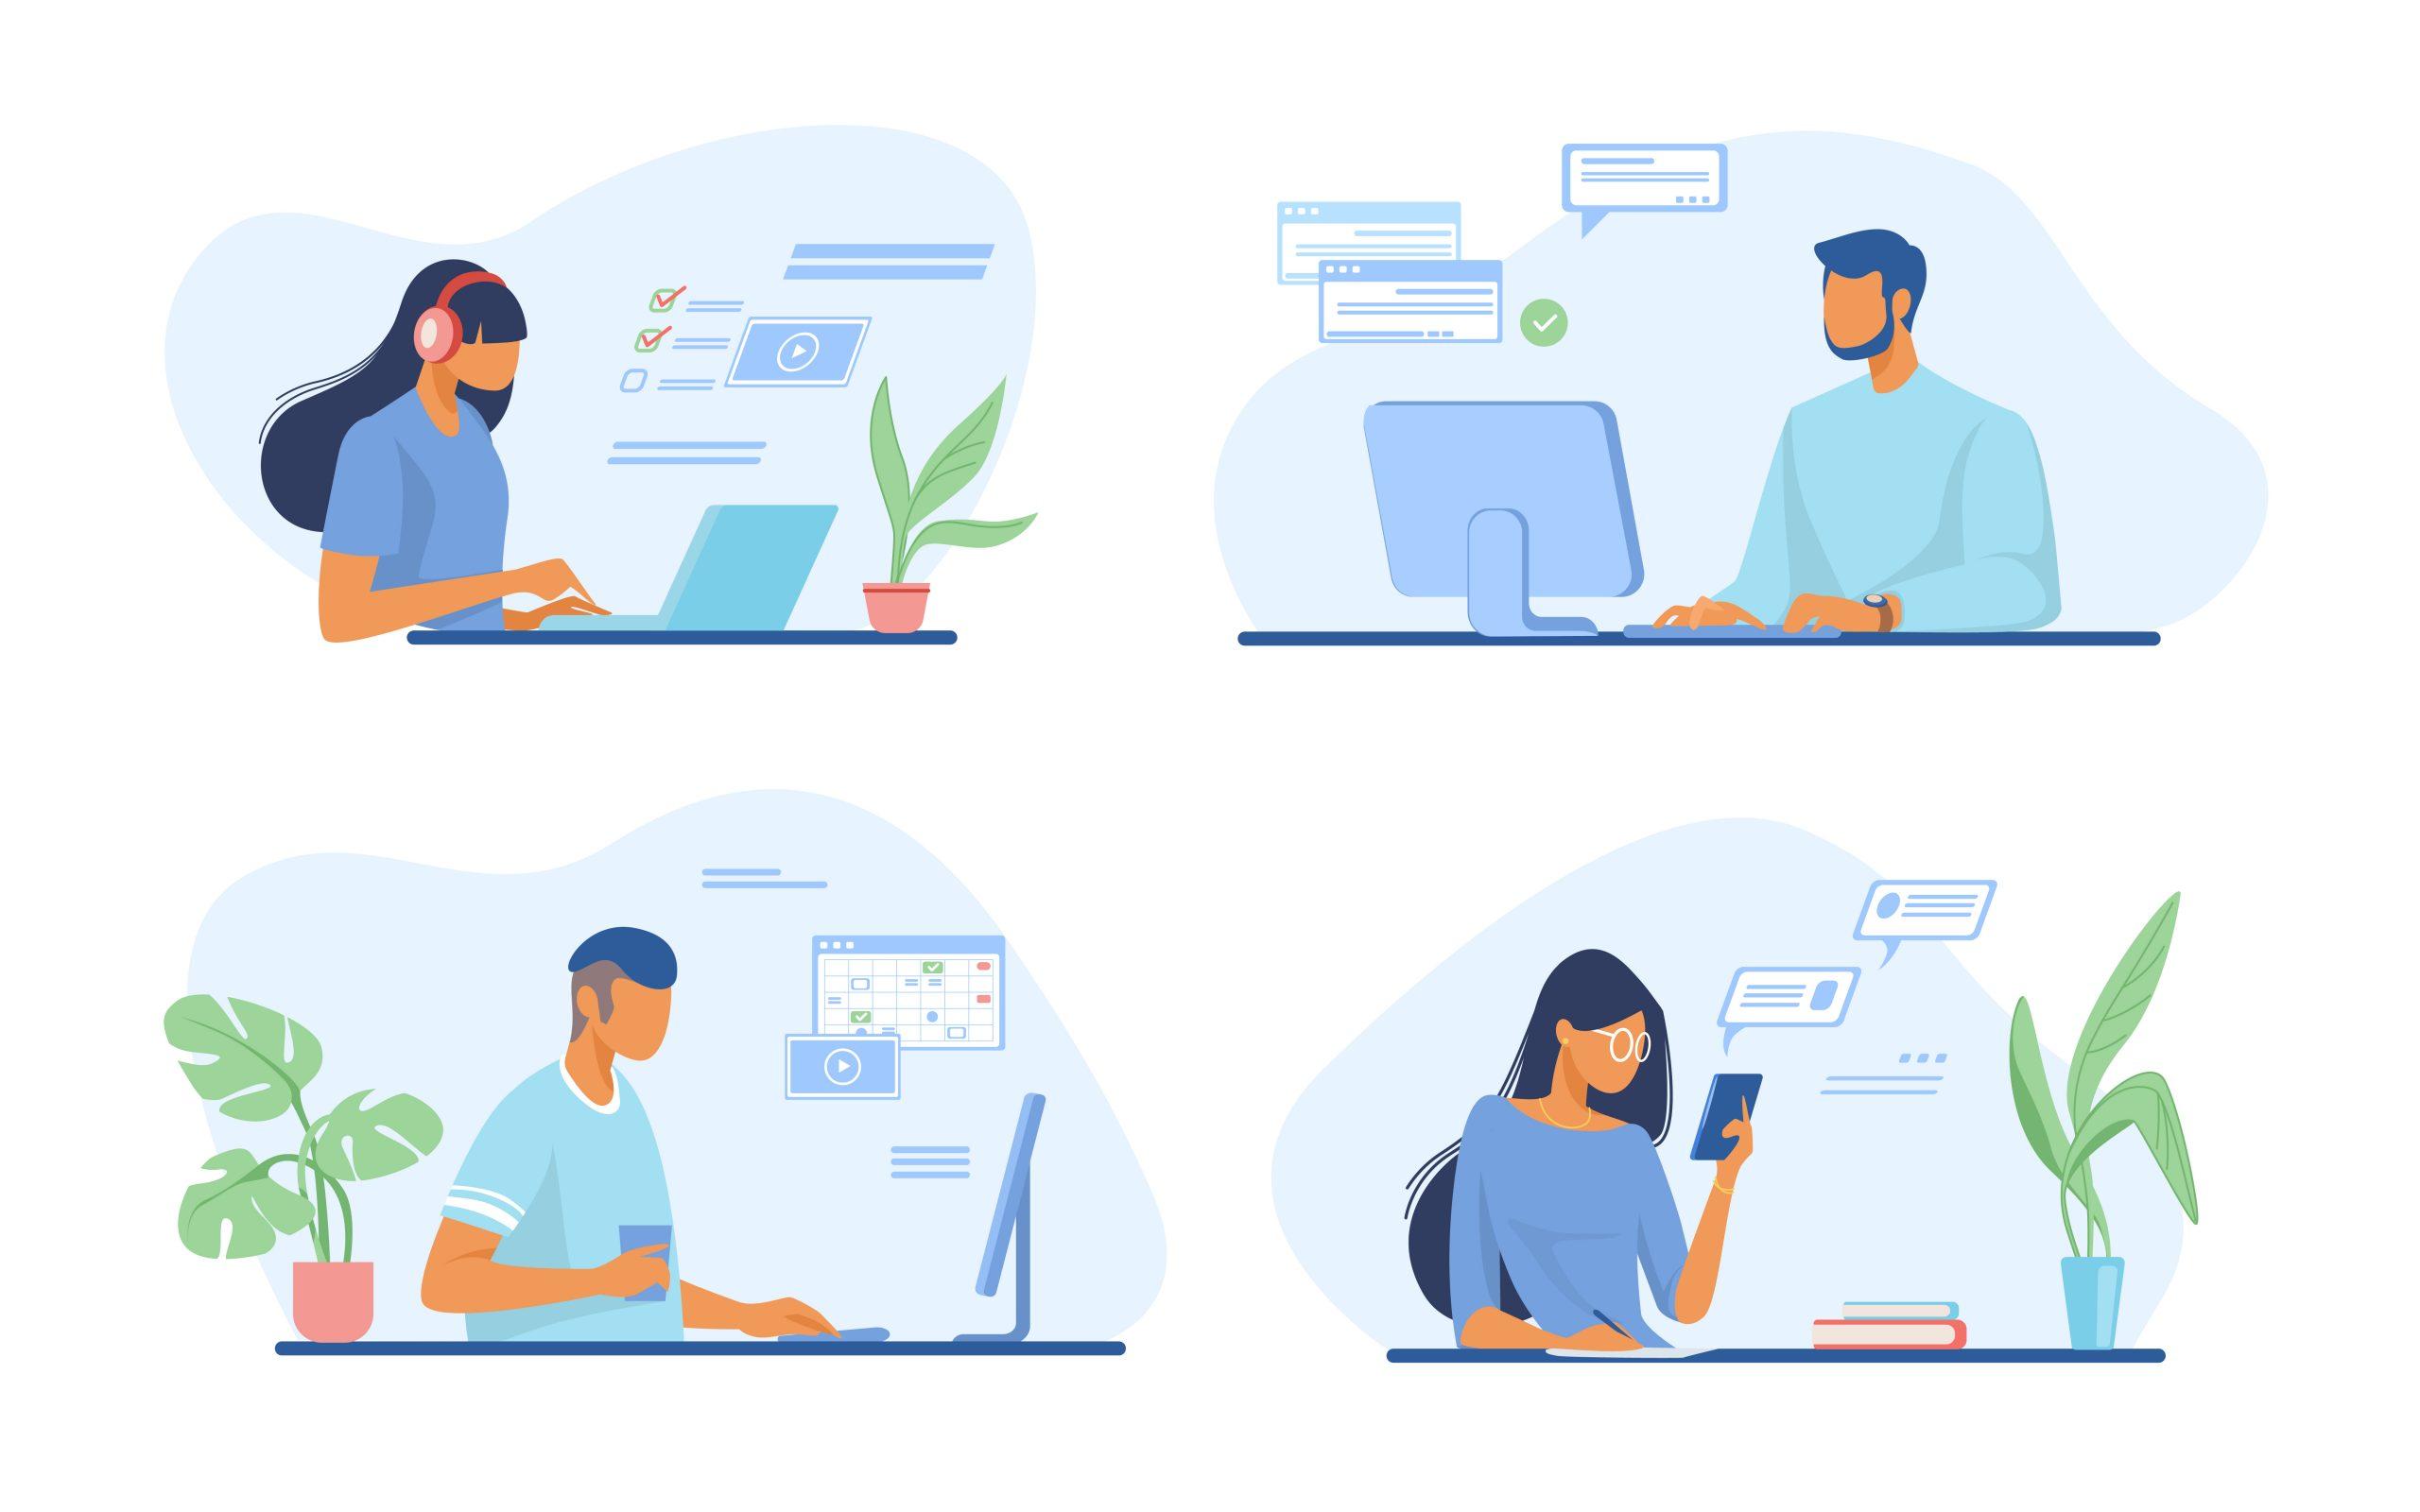 L'importance d'une bonne visibilité en ligne pour votre entreprise